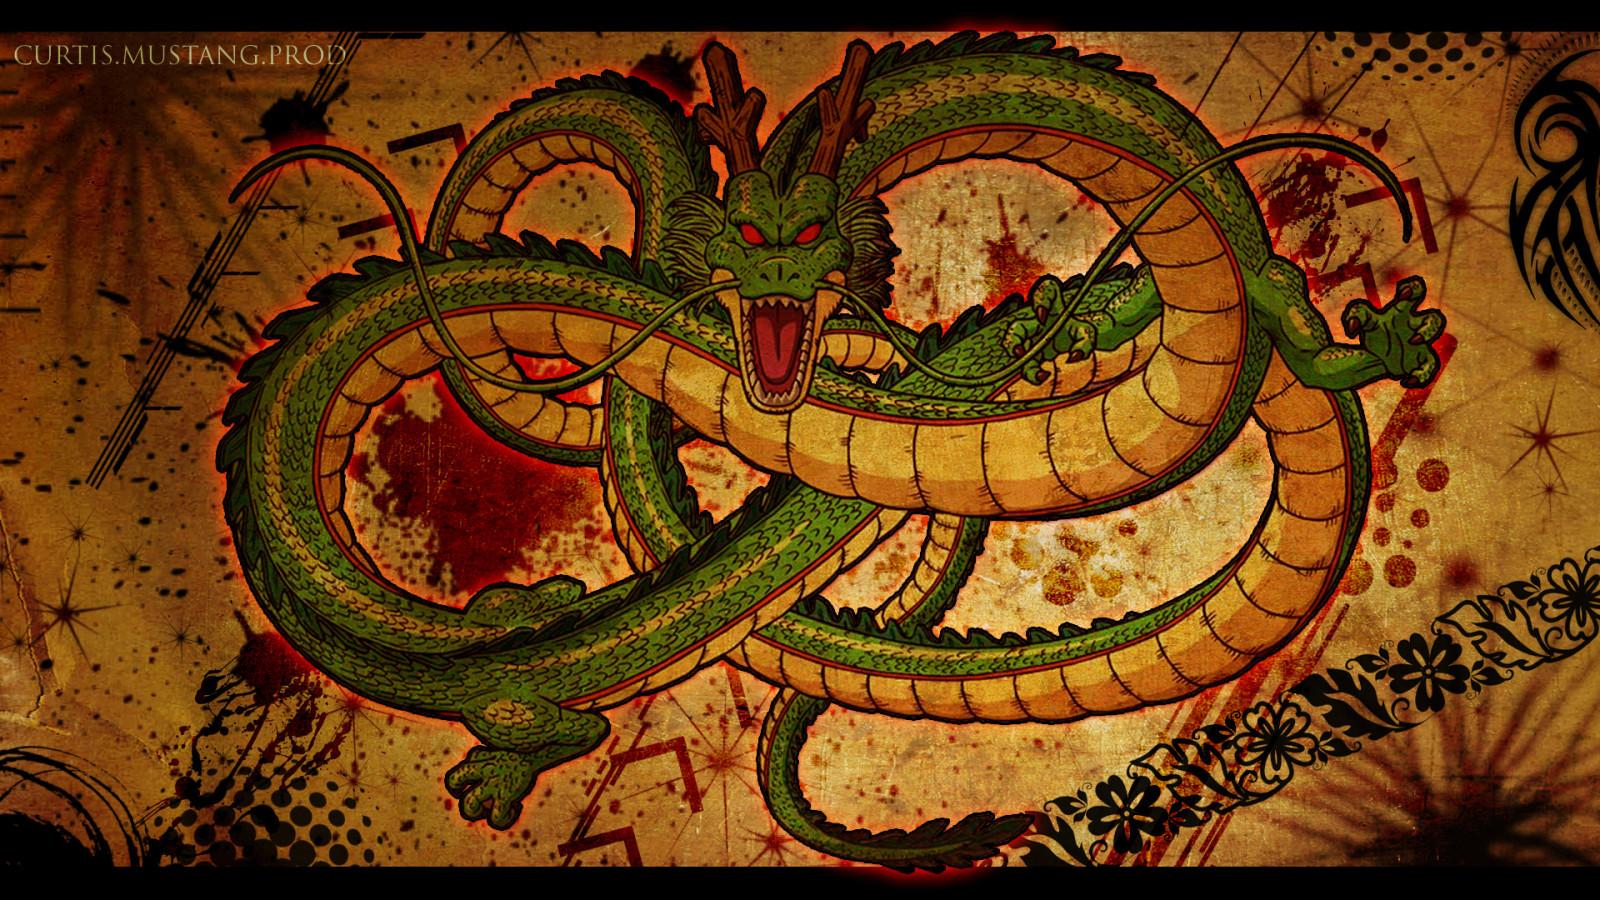 ドラゴンボール神龍の壁紙